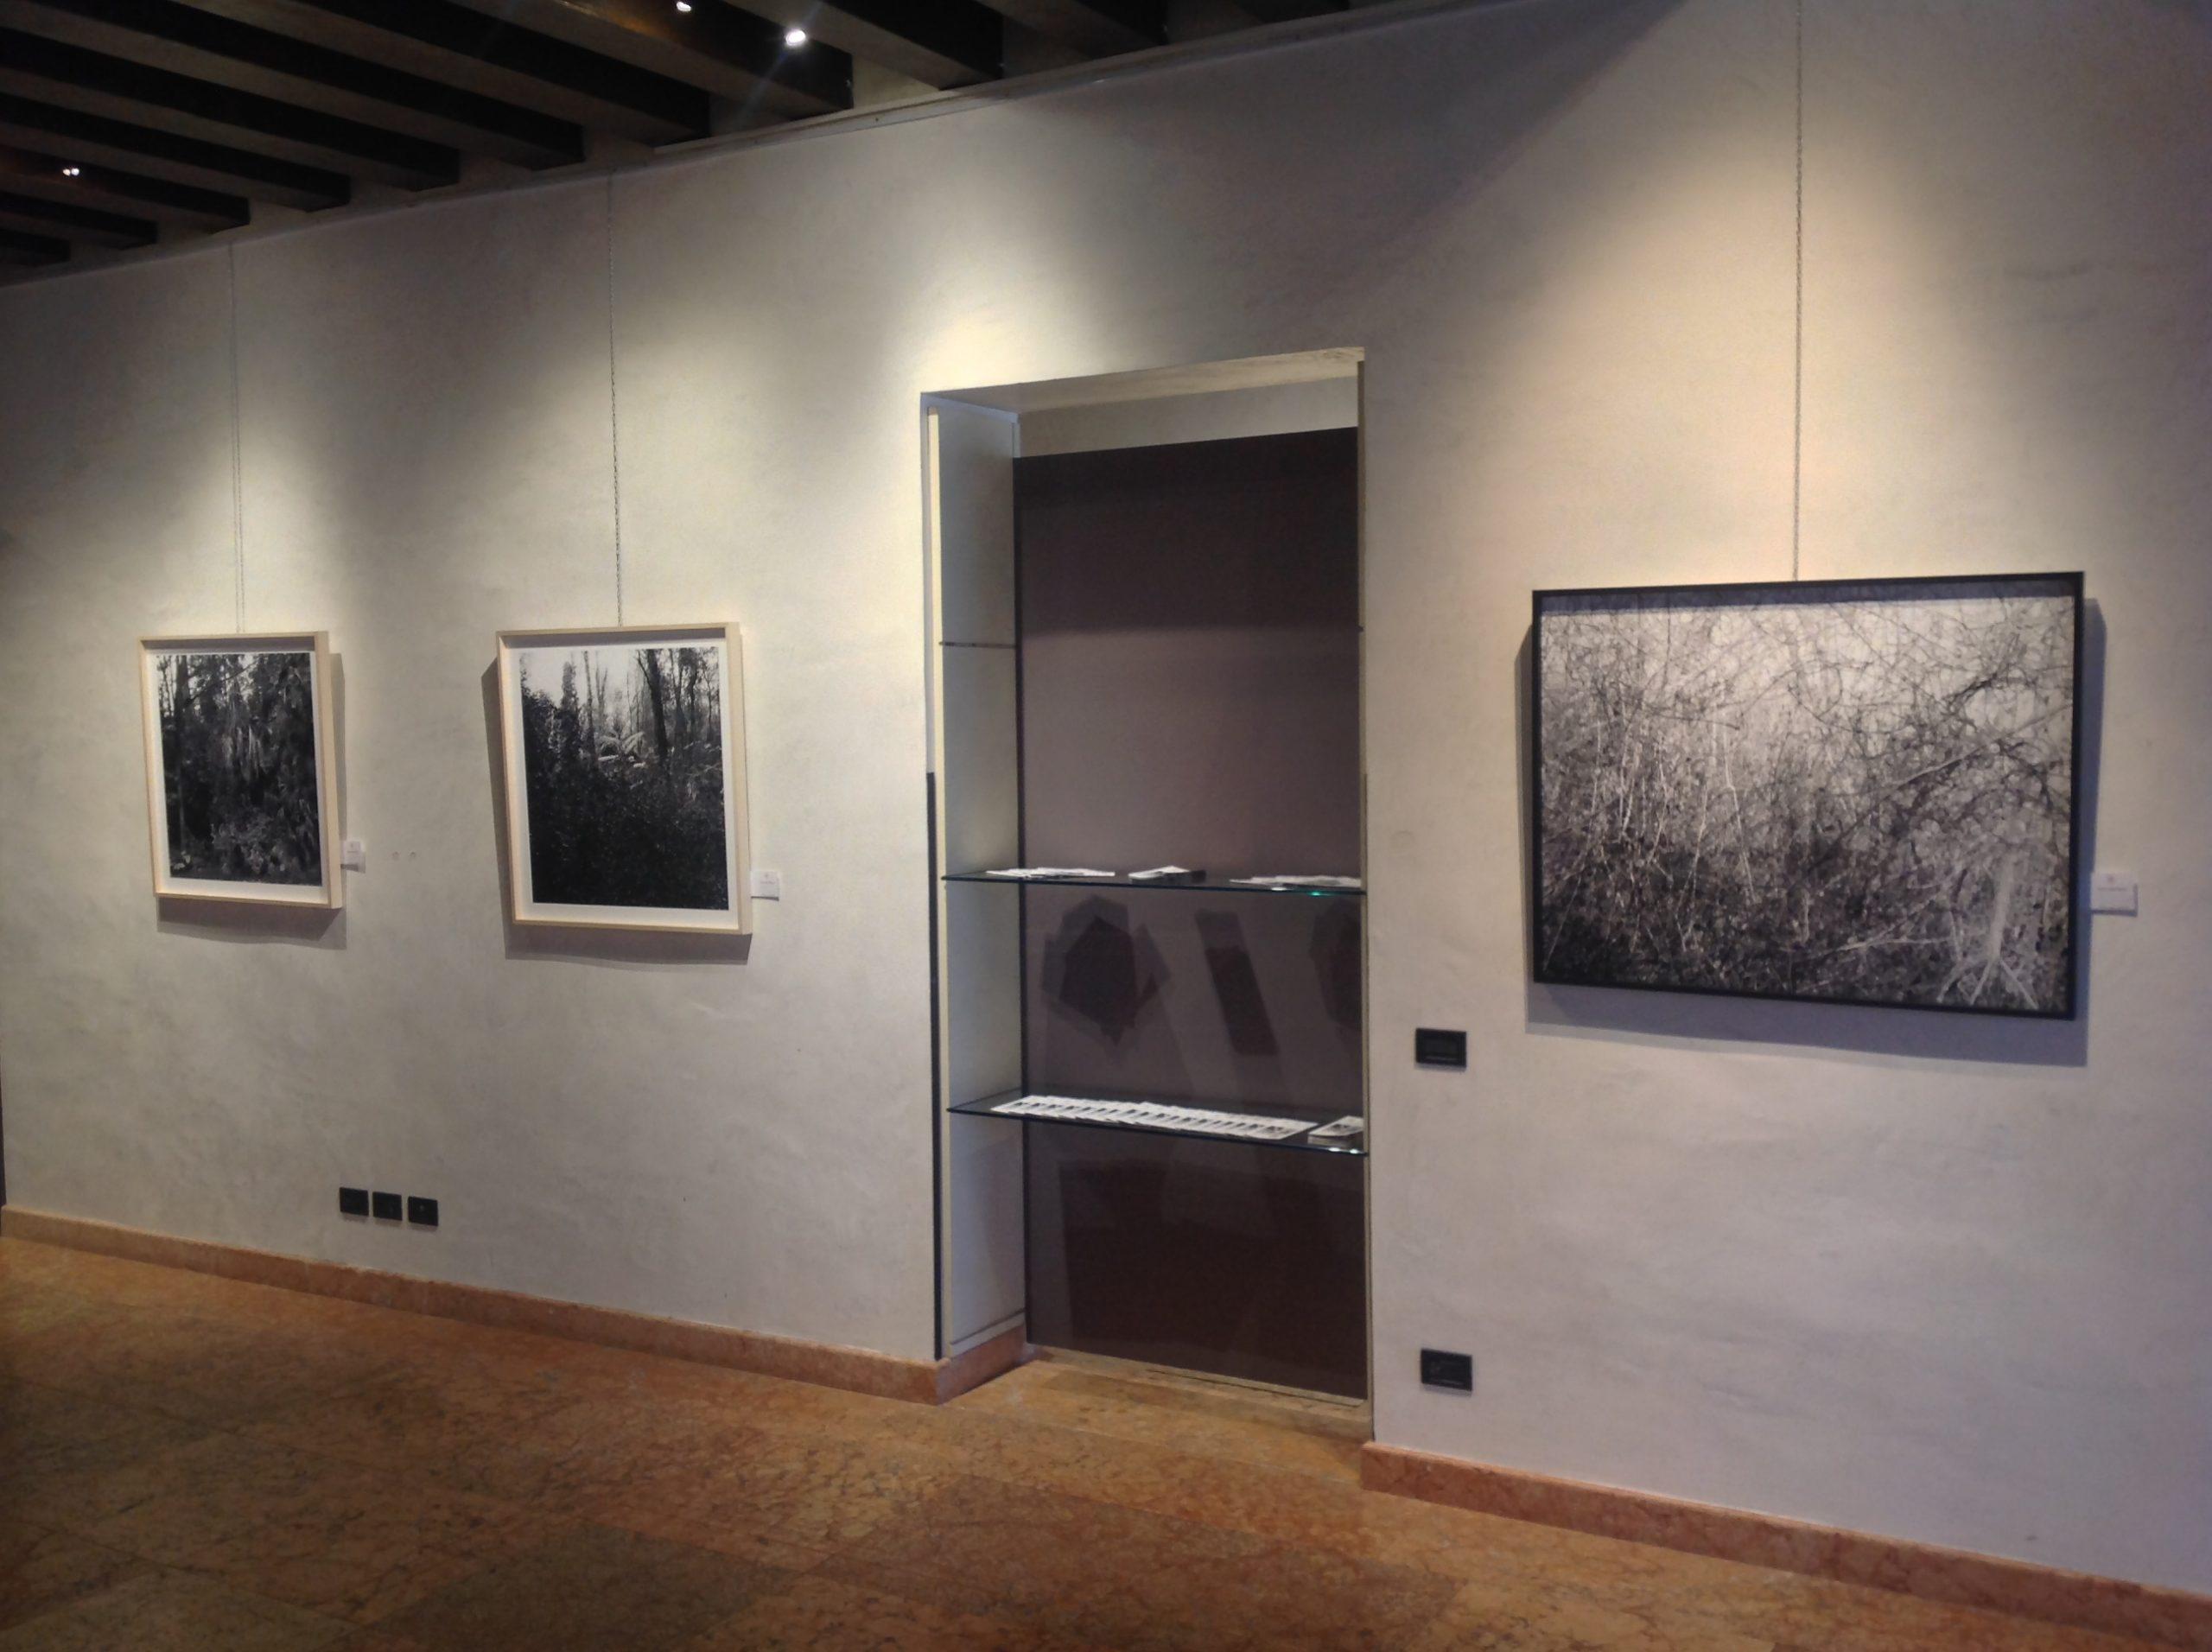 Riccardo Squillantini, Rumori silenziosi, mostra personale, a cura di Alain Chivilò_Casa dei Carraresi_Treviso (7)